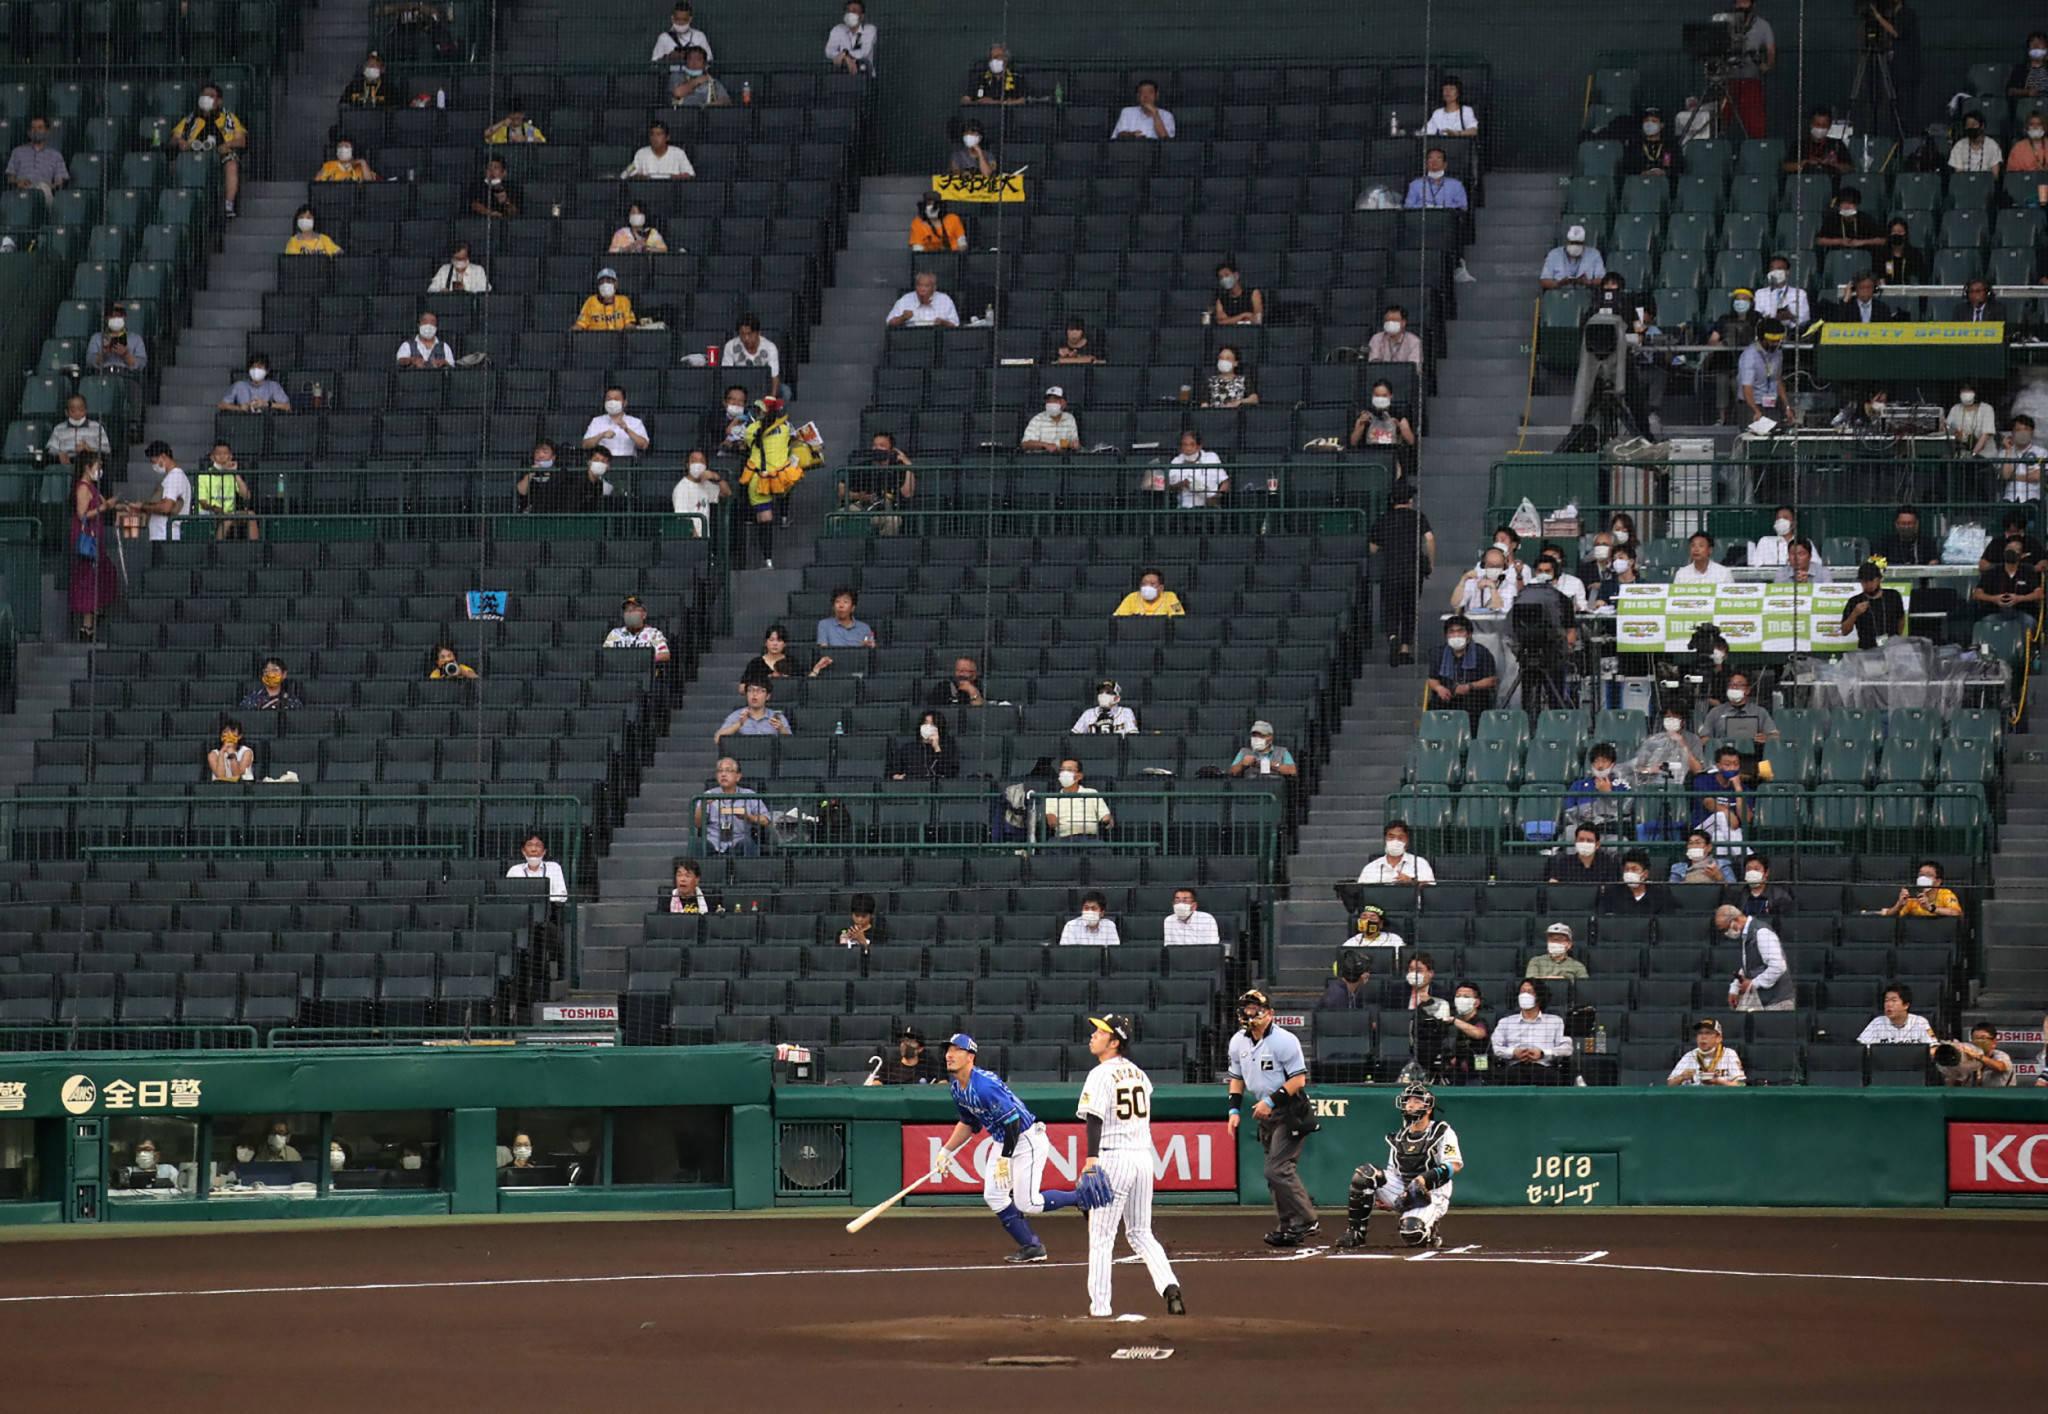 日本职棒联赛允许观众入场 下月上座率将突破50%